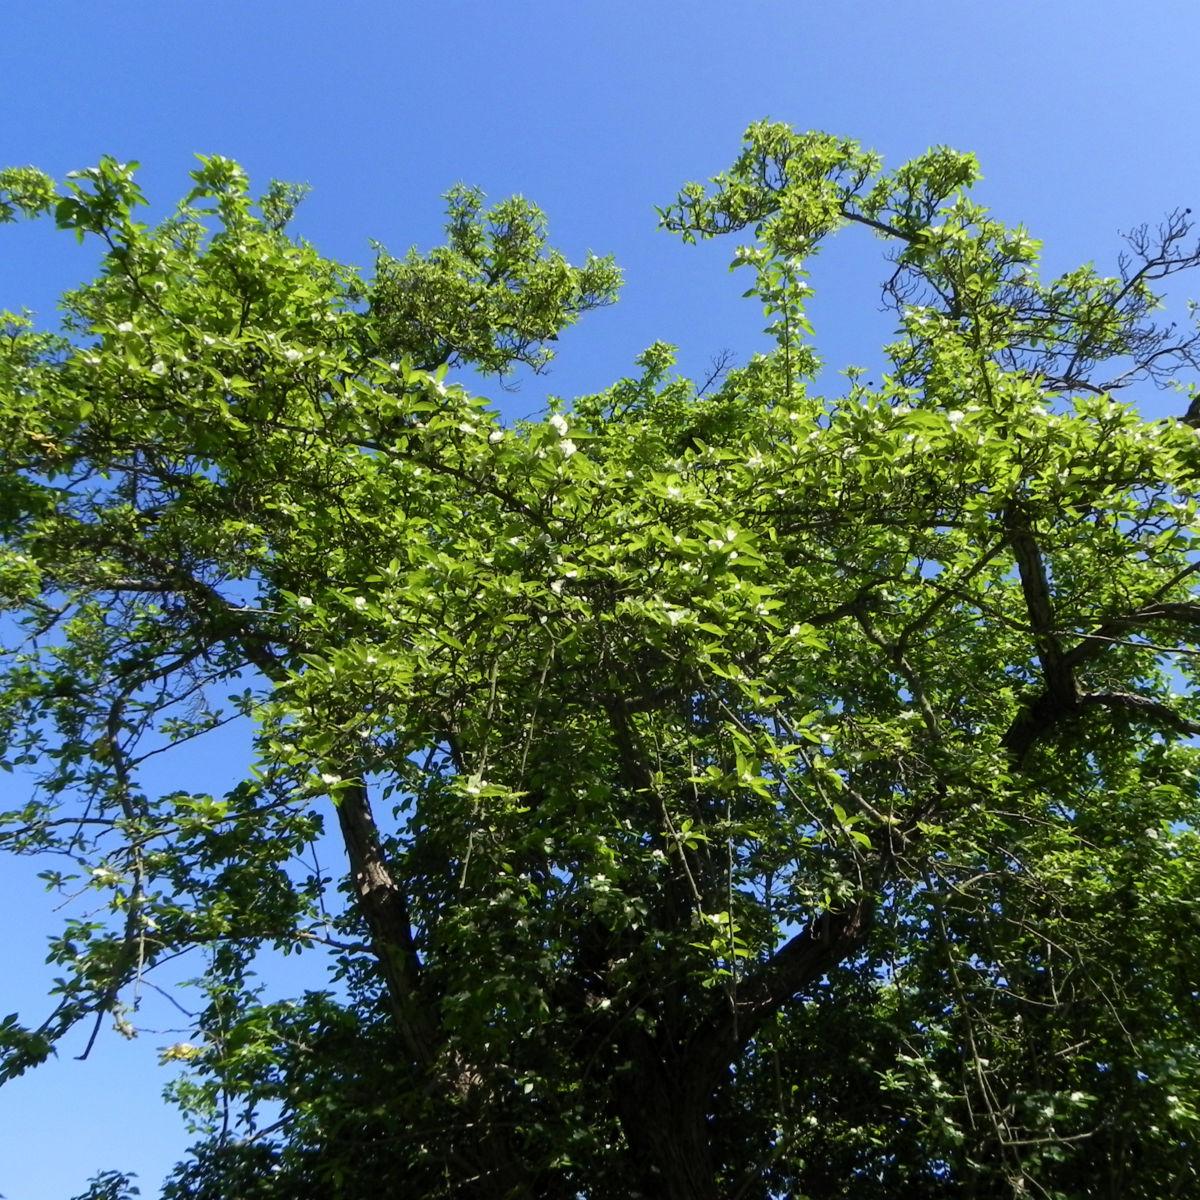 Echte Mispel Bluete weiss Blatt gruen Mespilus germanica